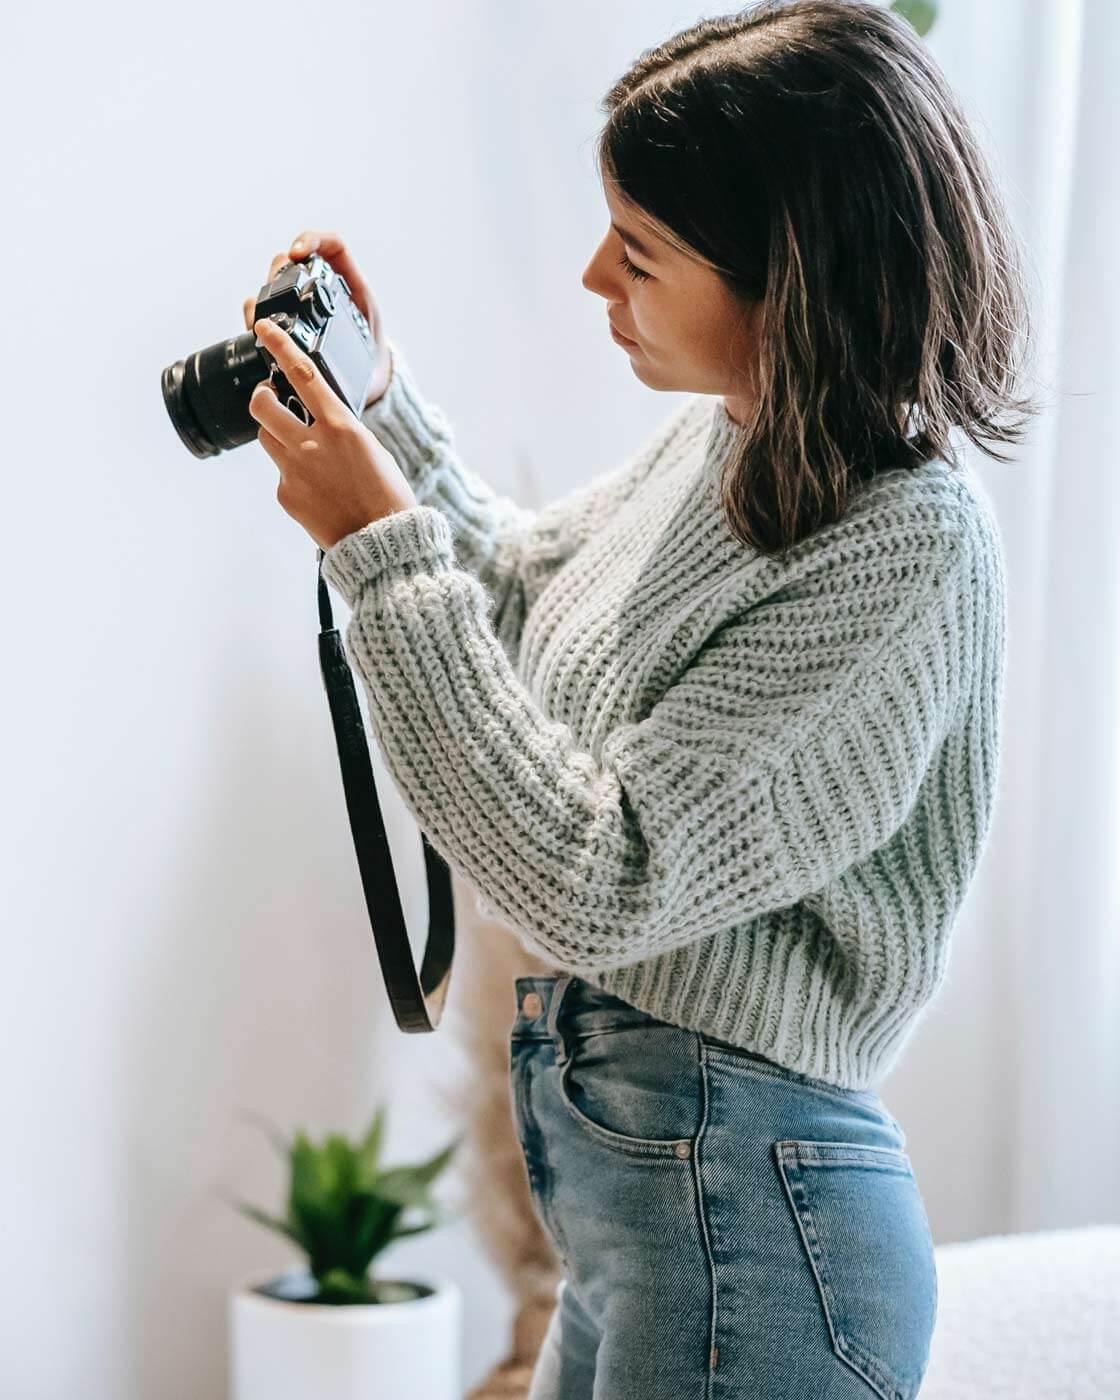 Modeblog Instagram starten